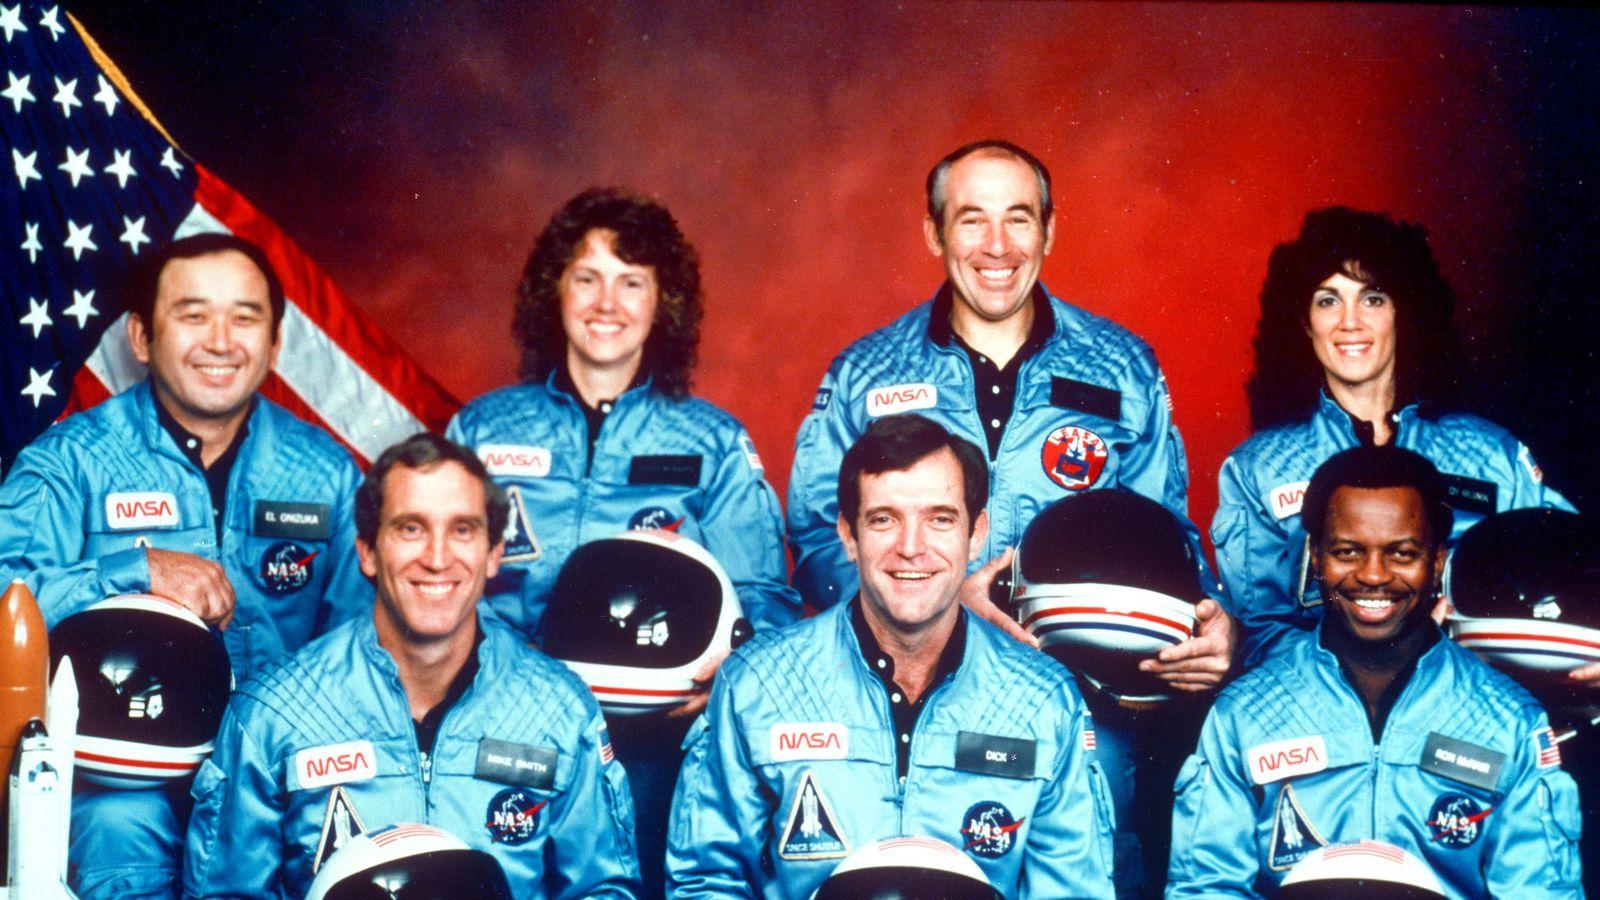 Чорний день в історії НАСА: чому не взлетів «Челленджер»? - космічний корабель, NASA - 28 chelendzher2